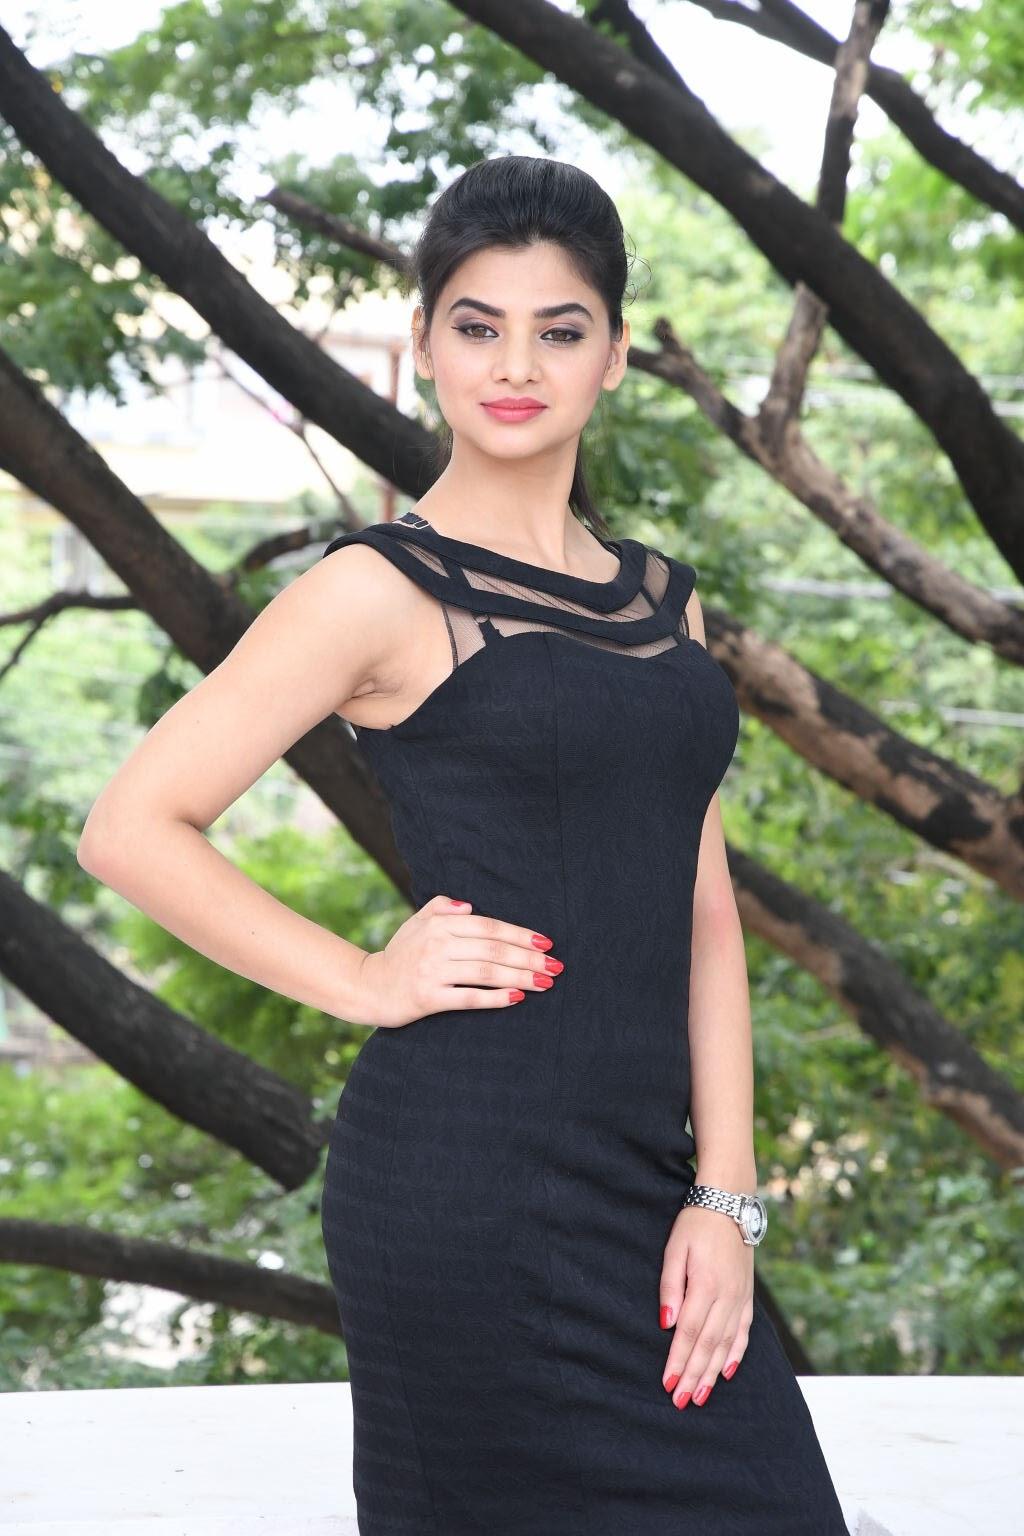 kamna ranawat new glam pics-HQ-Photo-47